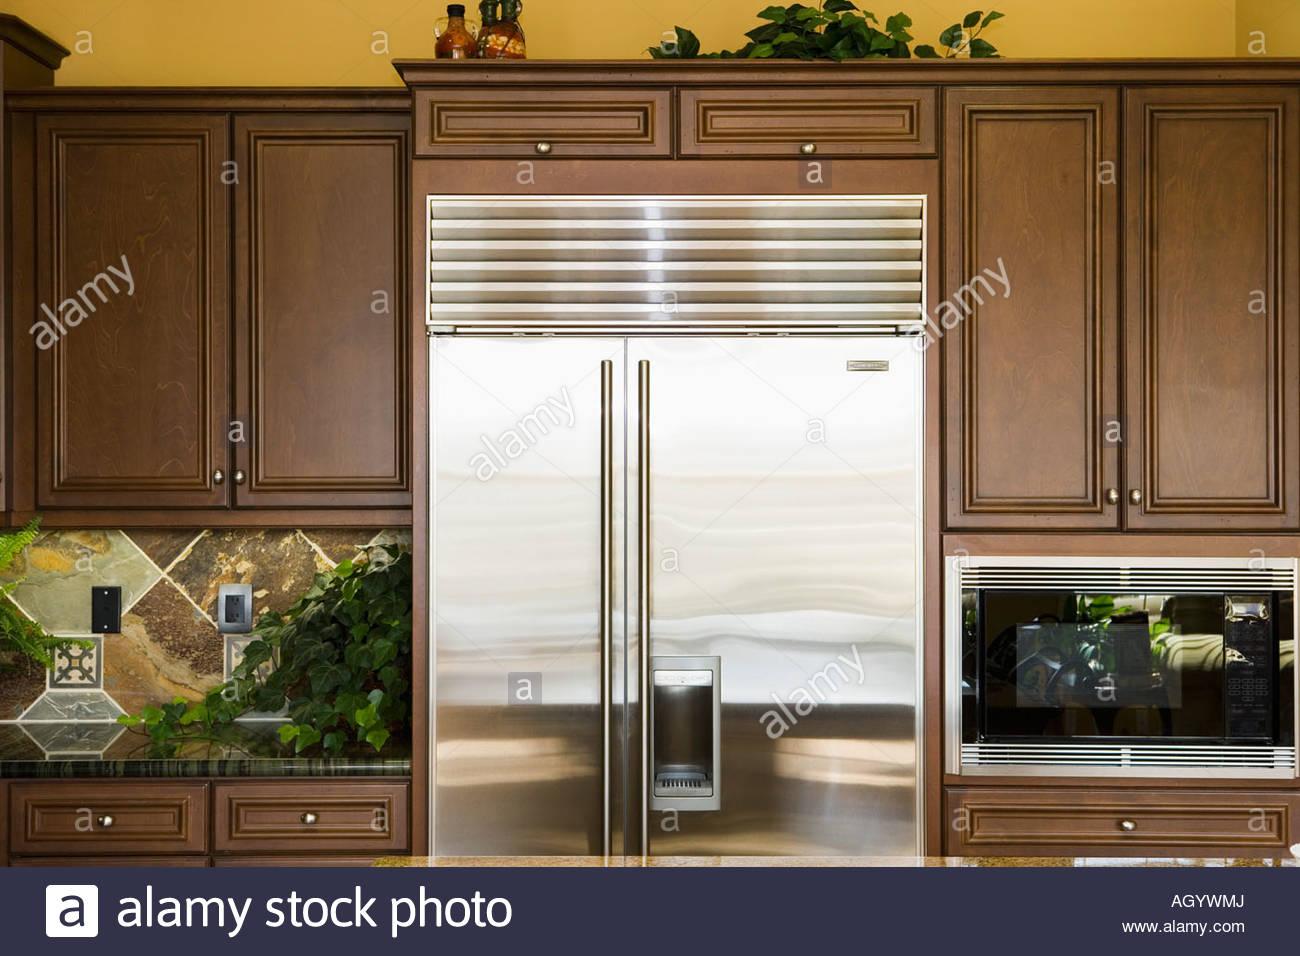 Amerikanischer Kühlschrank Bunt : Edelstahl kühlschrank in der küche stockfoto bild  alamy